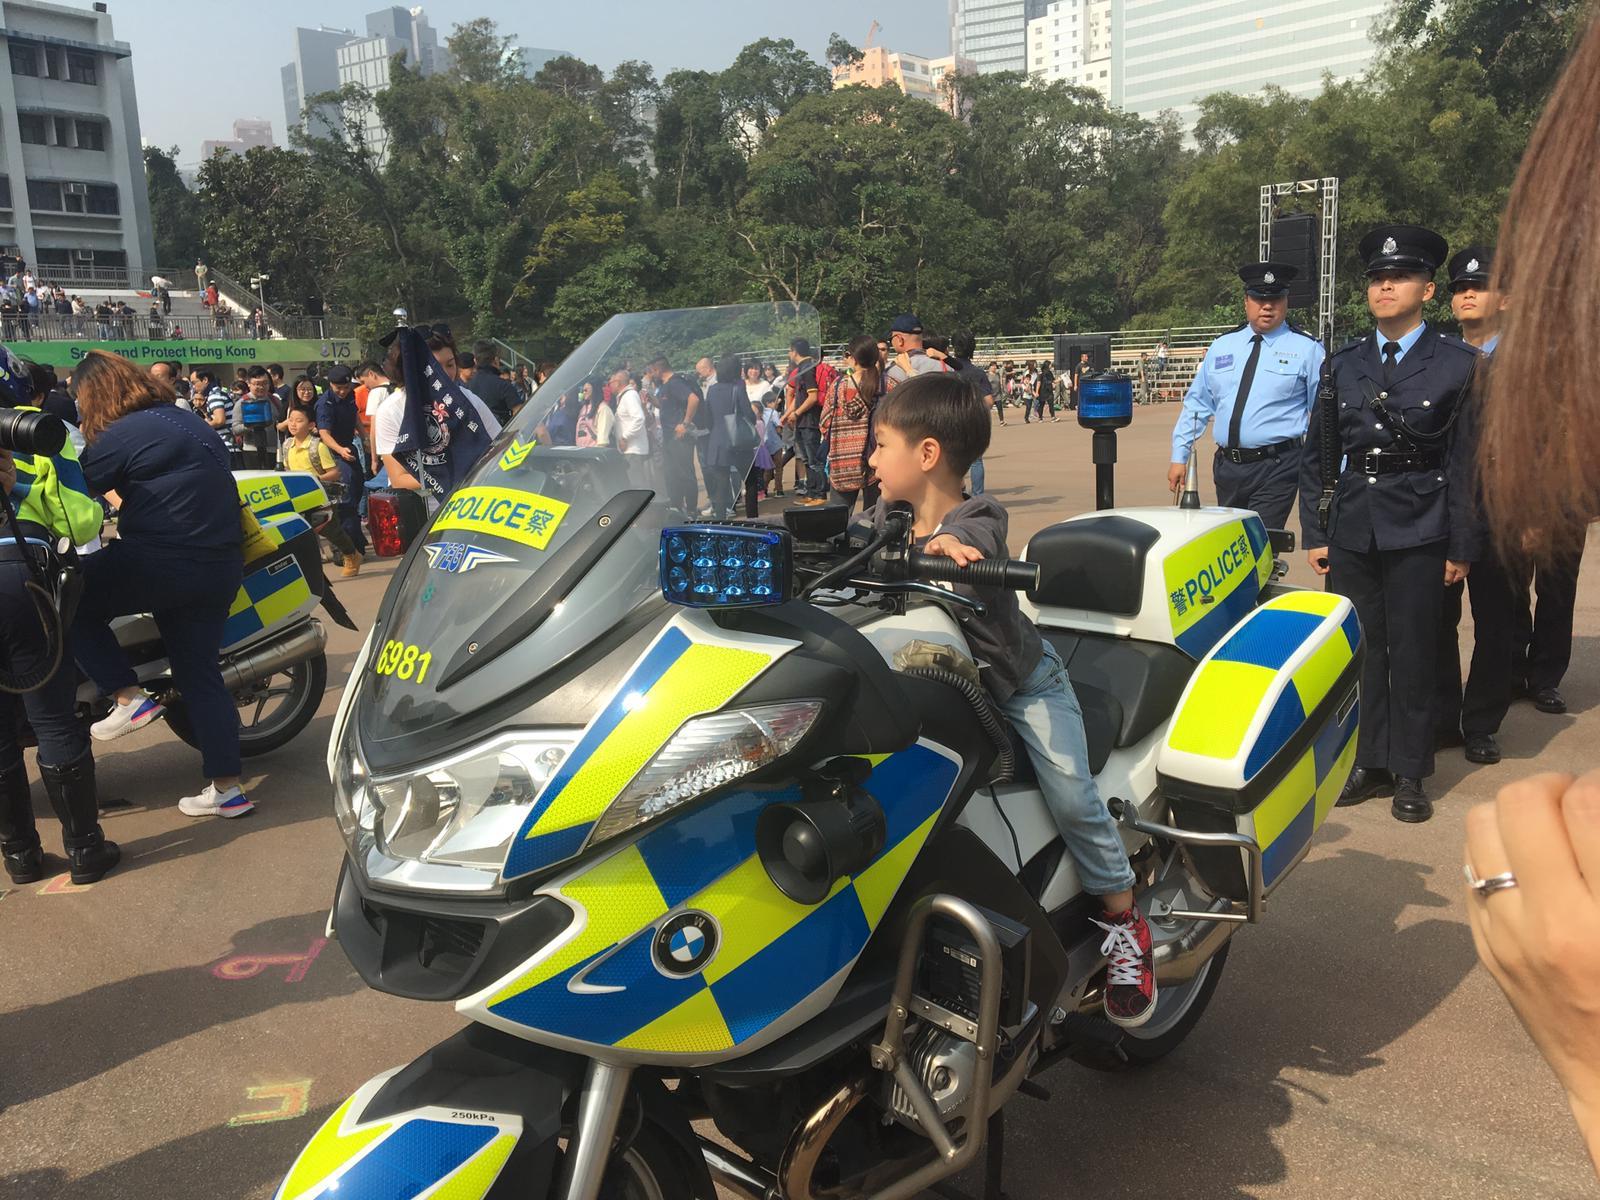 市民帶同子女一同參加同樂日,認為活動能加深對警隊的認識。